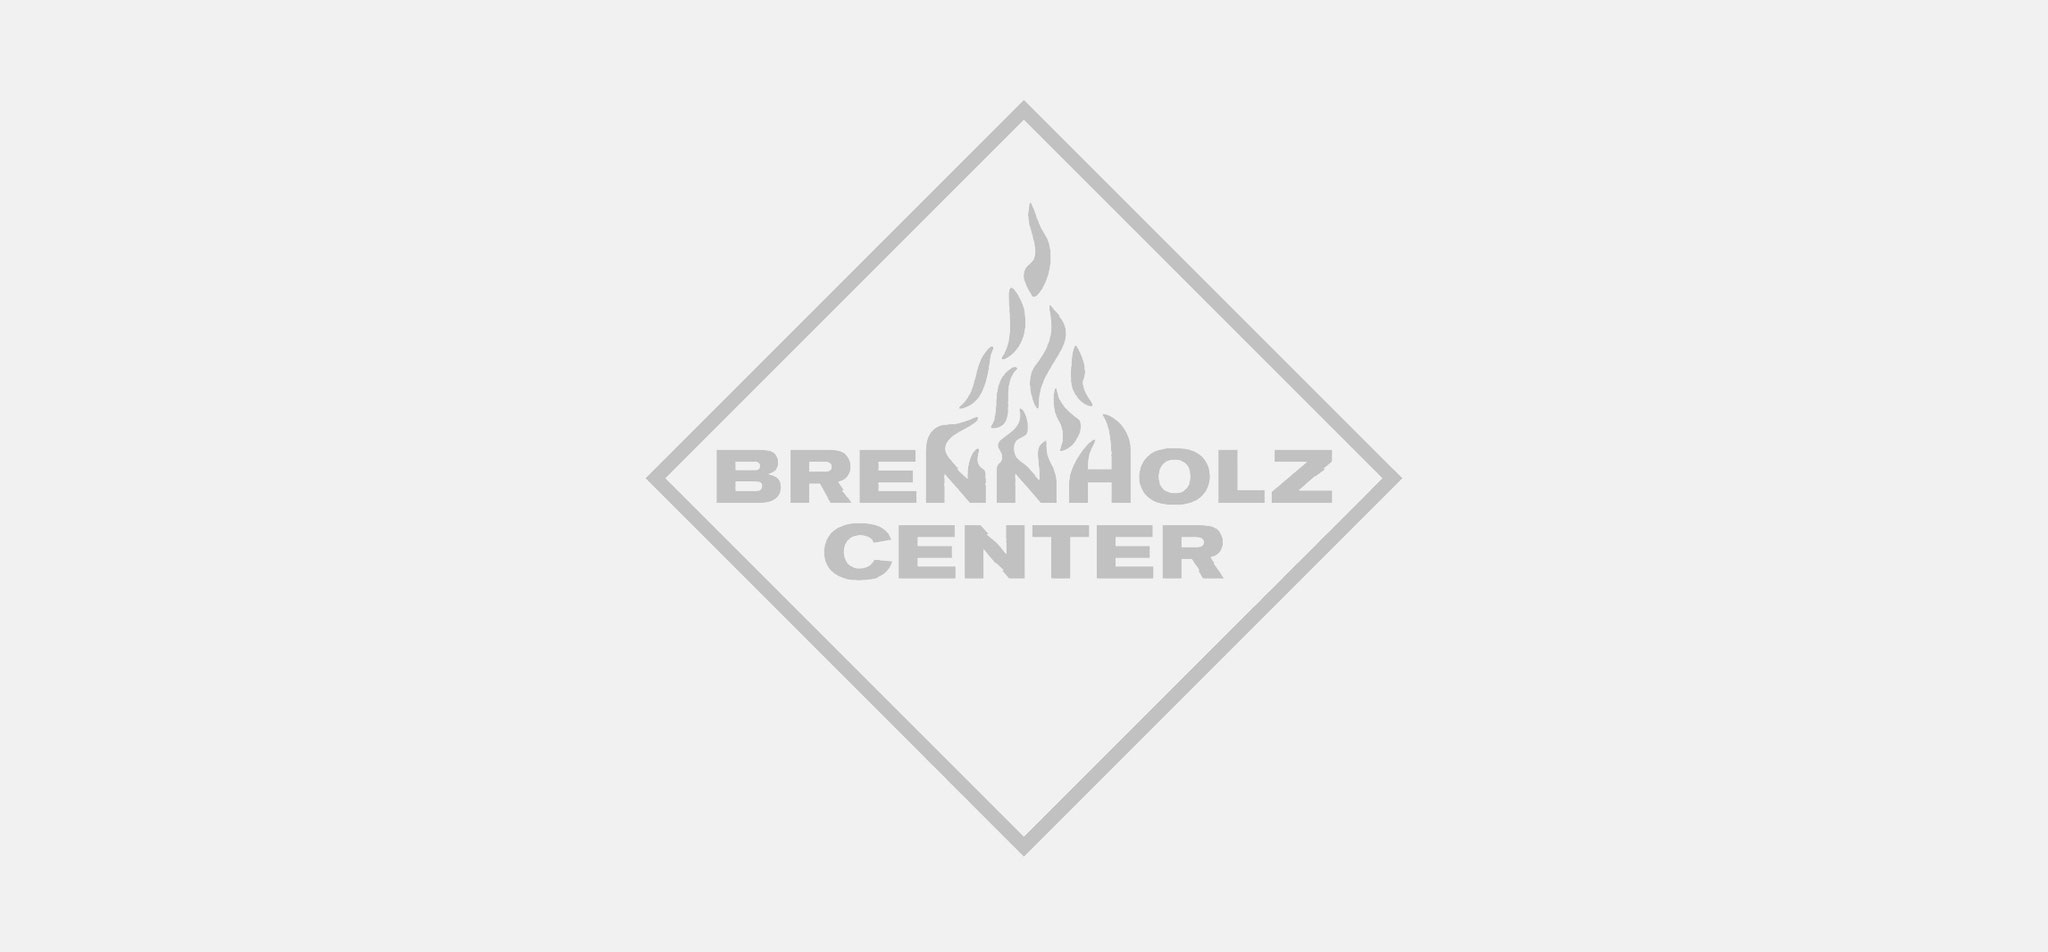 BRENNHOLZCENTER | logo bhc – infragrau, gute gestaltung